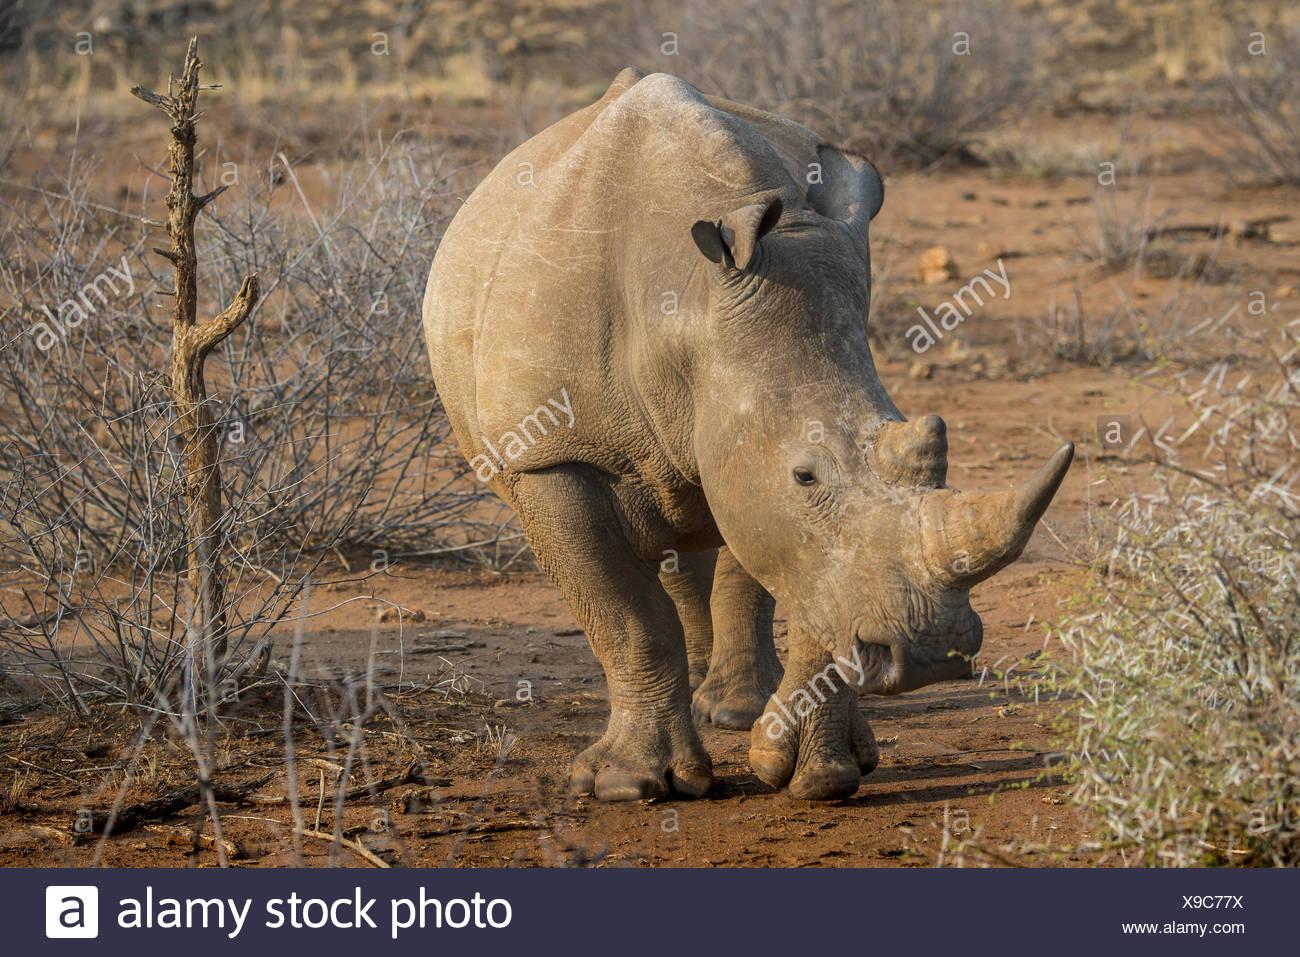 White Rhino (Ceratotherium simum) Stock Photo